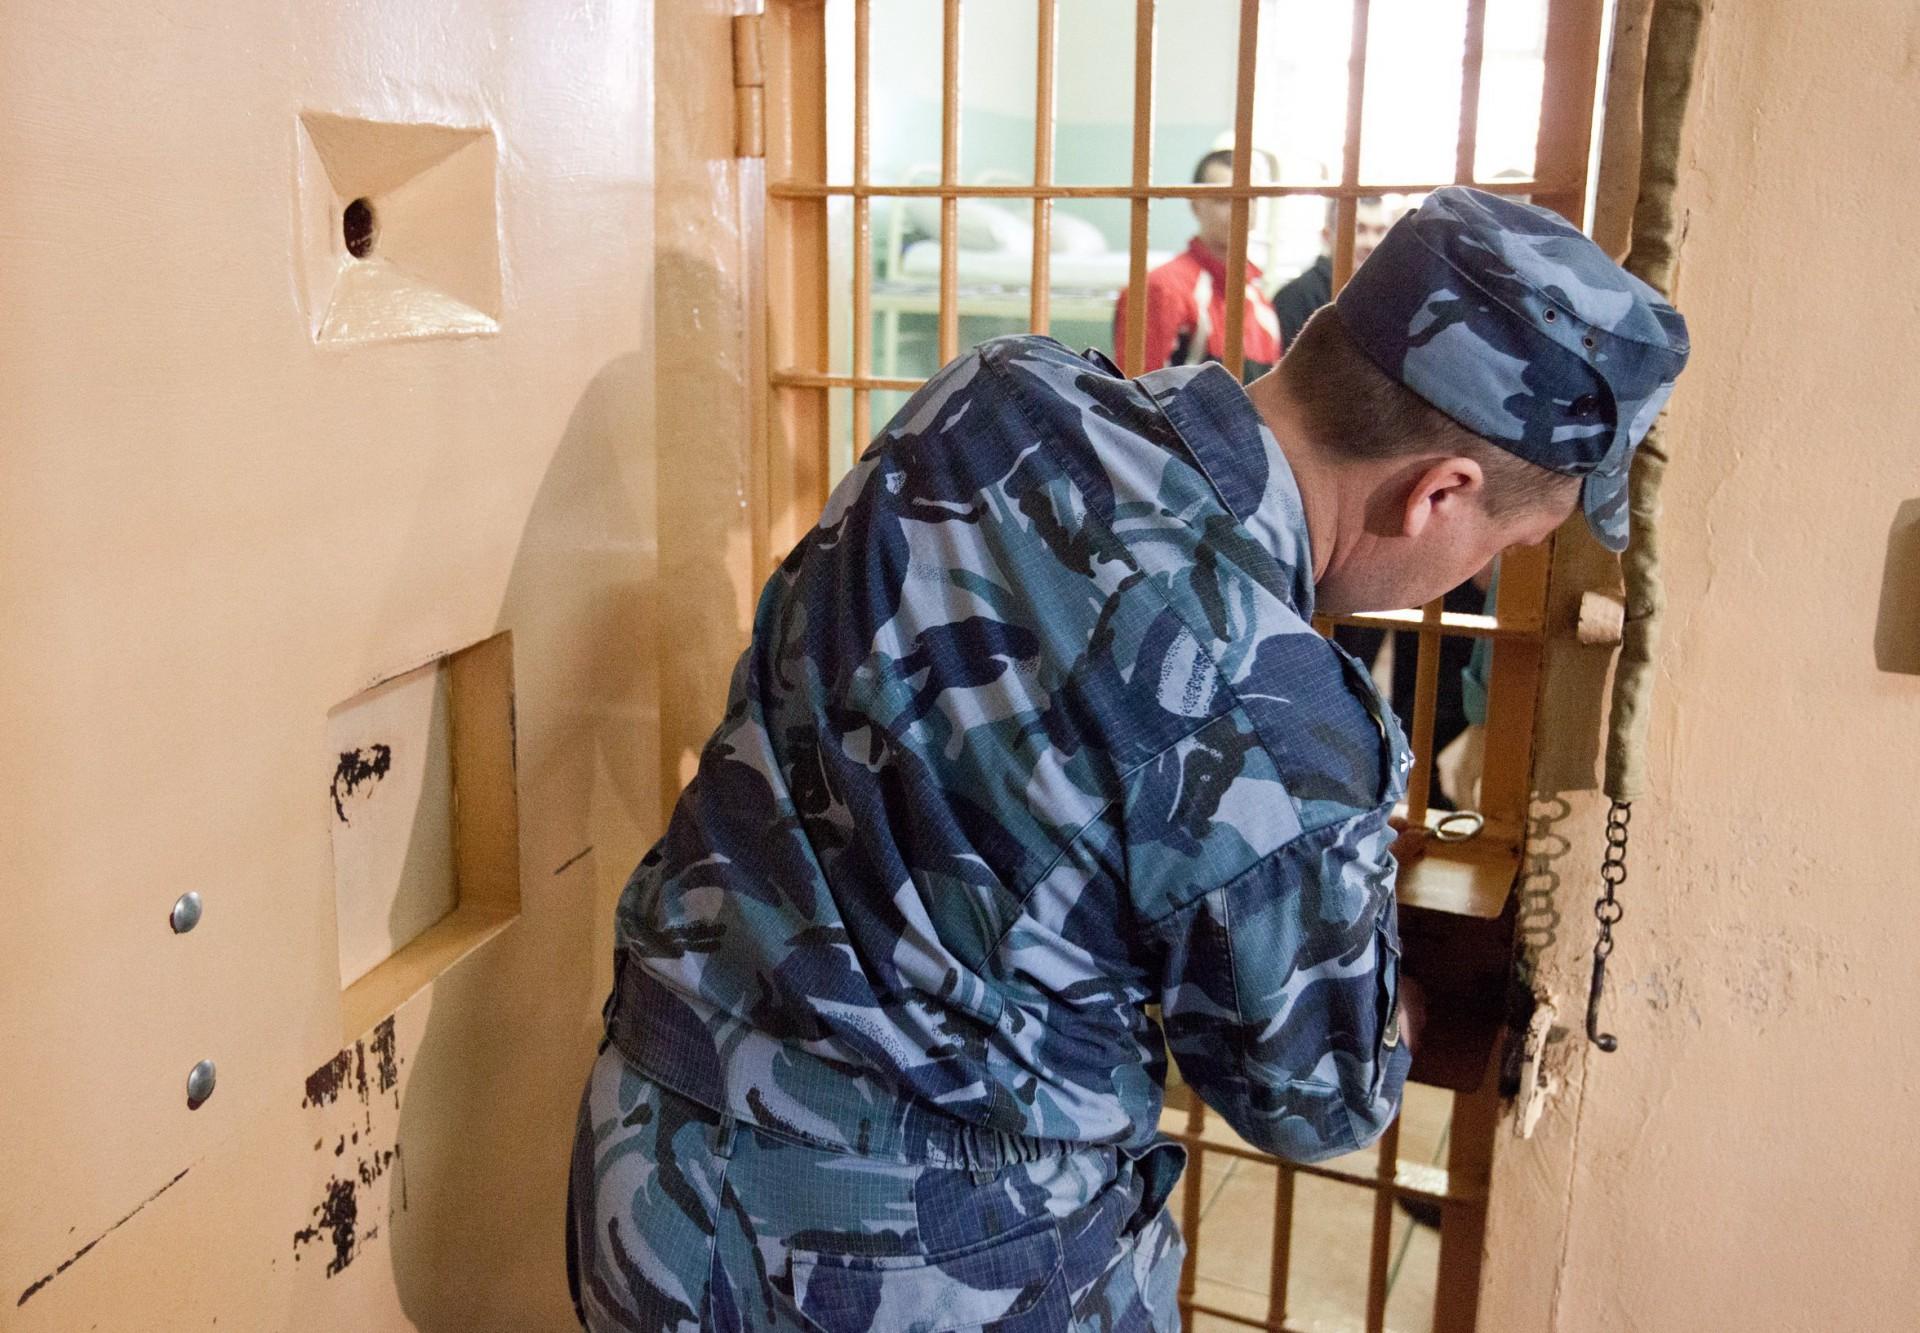 Амнистия в России по уголовным делам 2020 году: кто может оказаться на воле досрочно